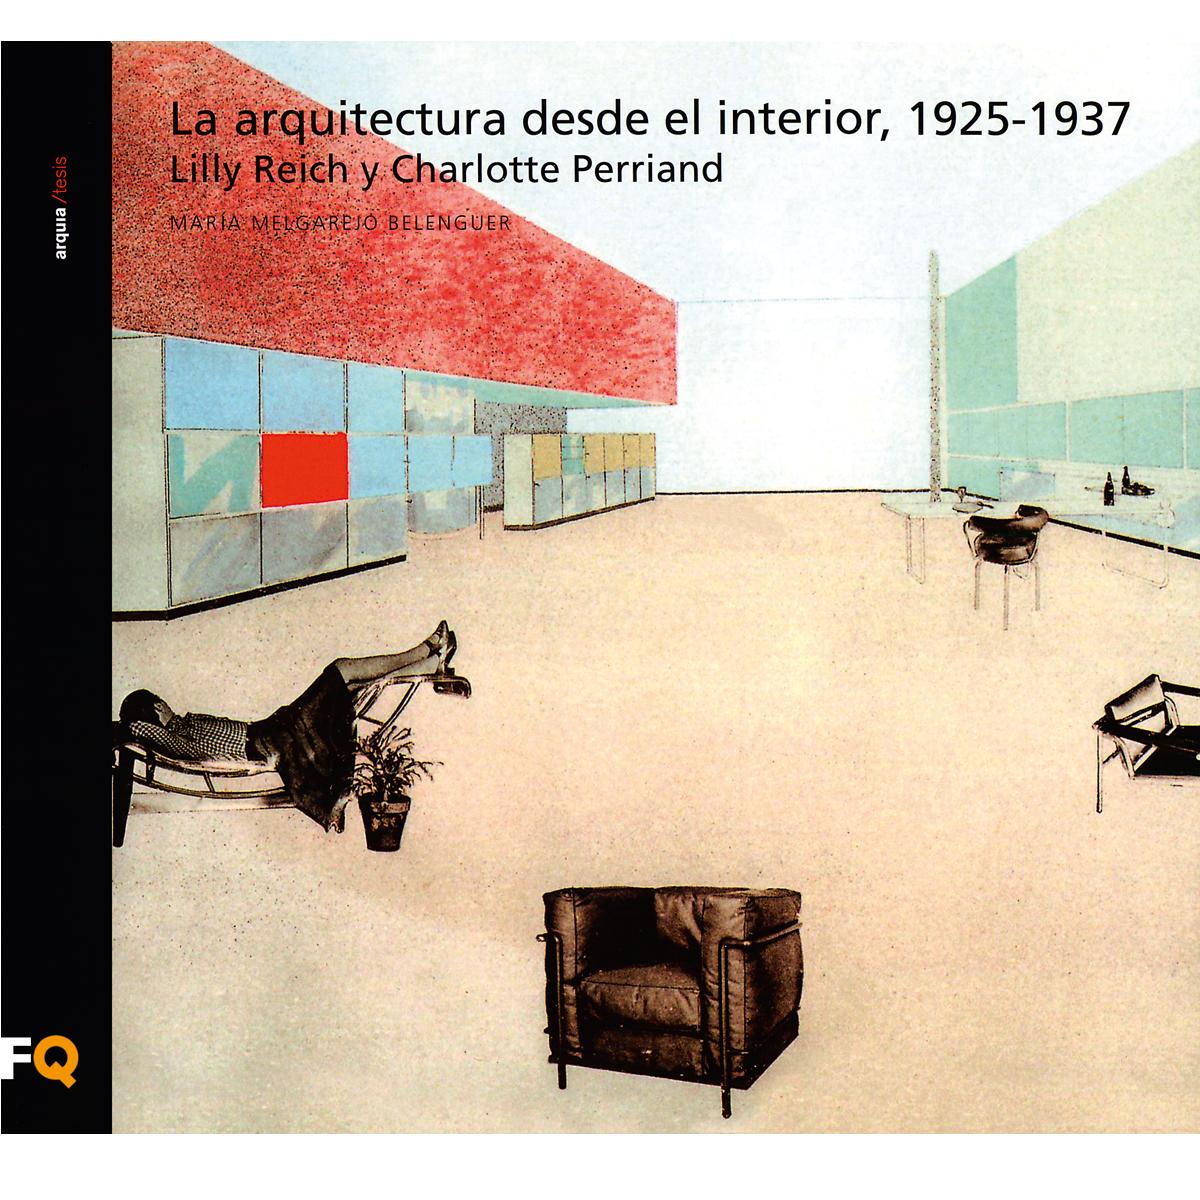 La arquitectura desde el interior, 1925-1937